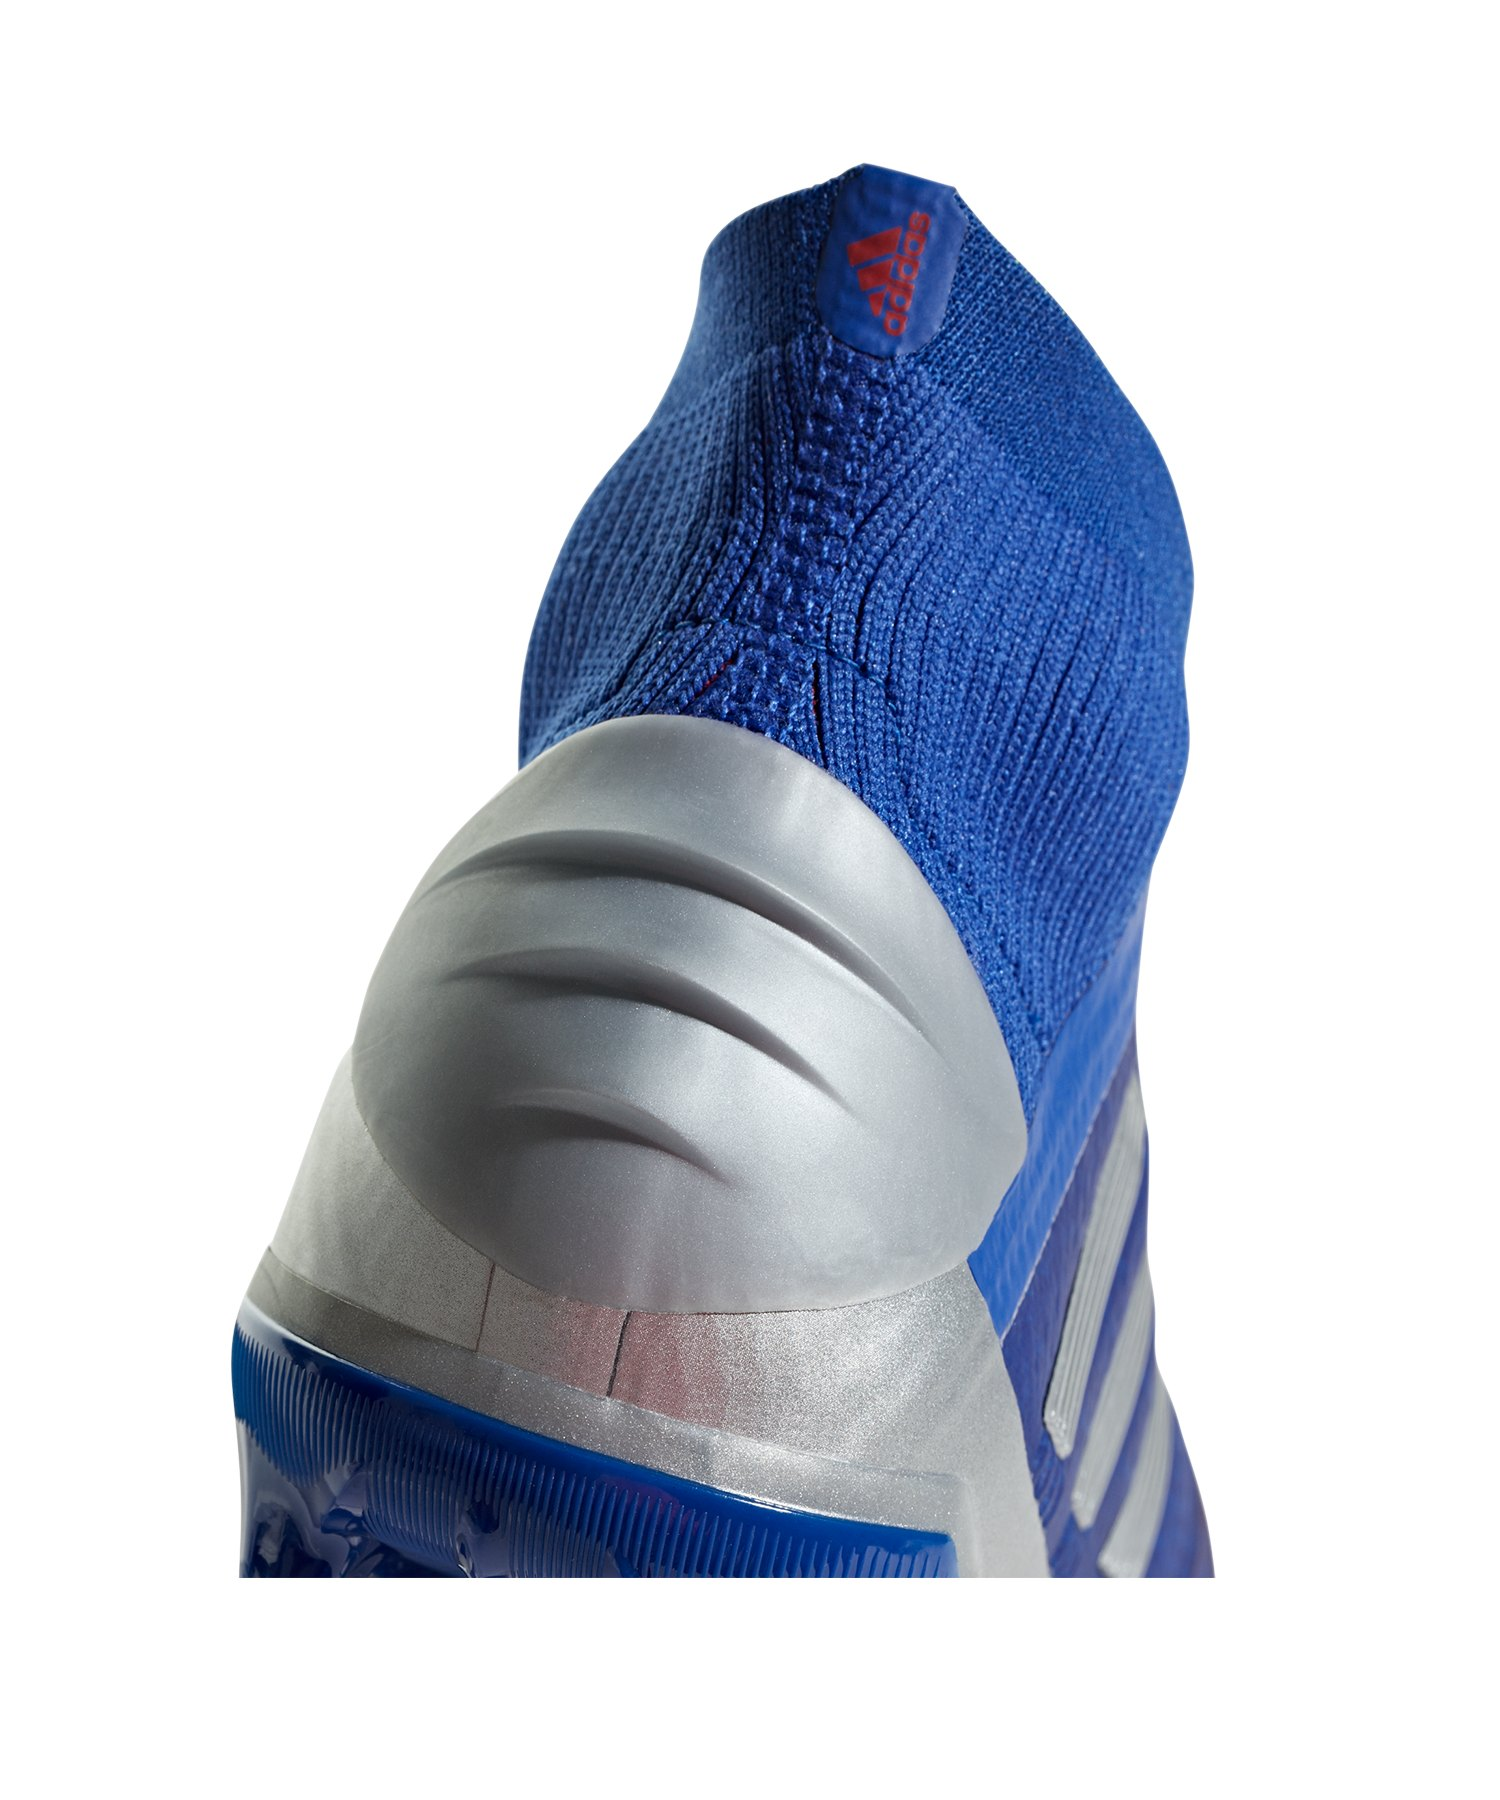 19Fg Kids Adidas Predator J Blau Silber yvwOm0N8n